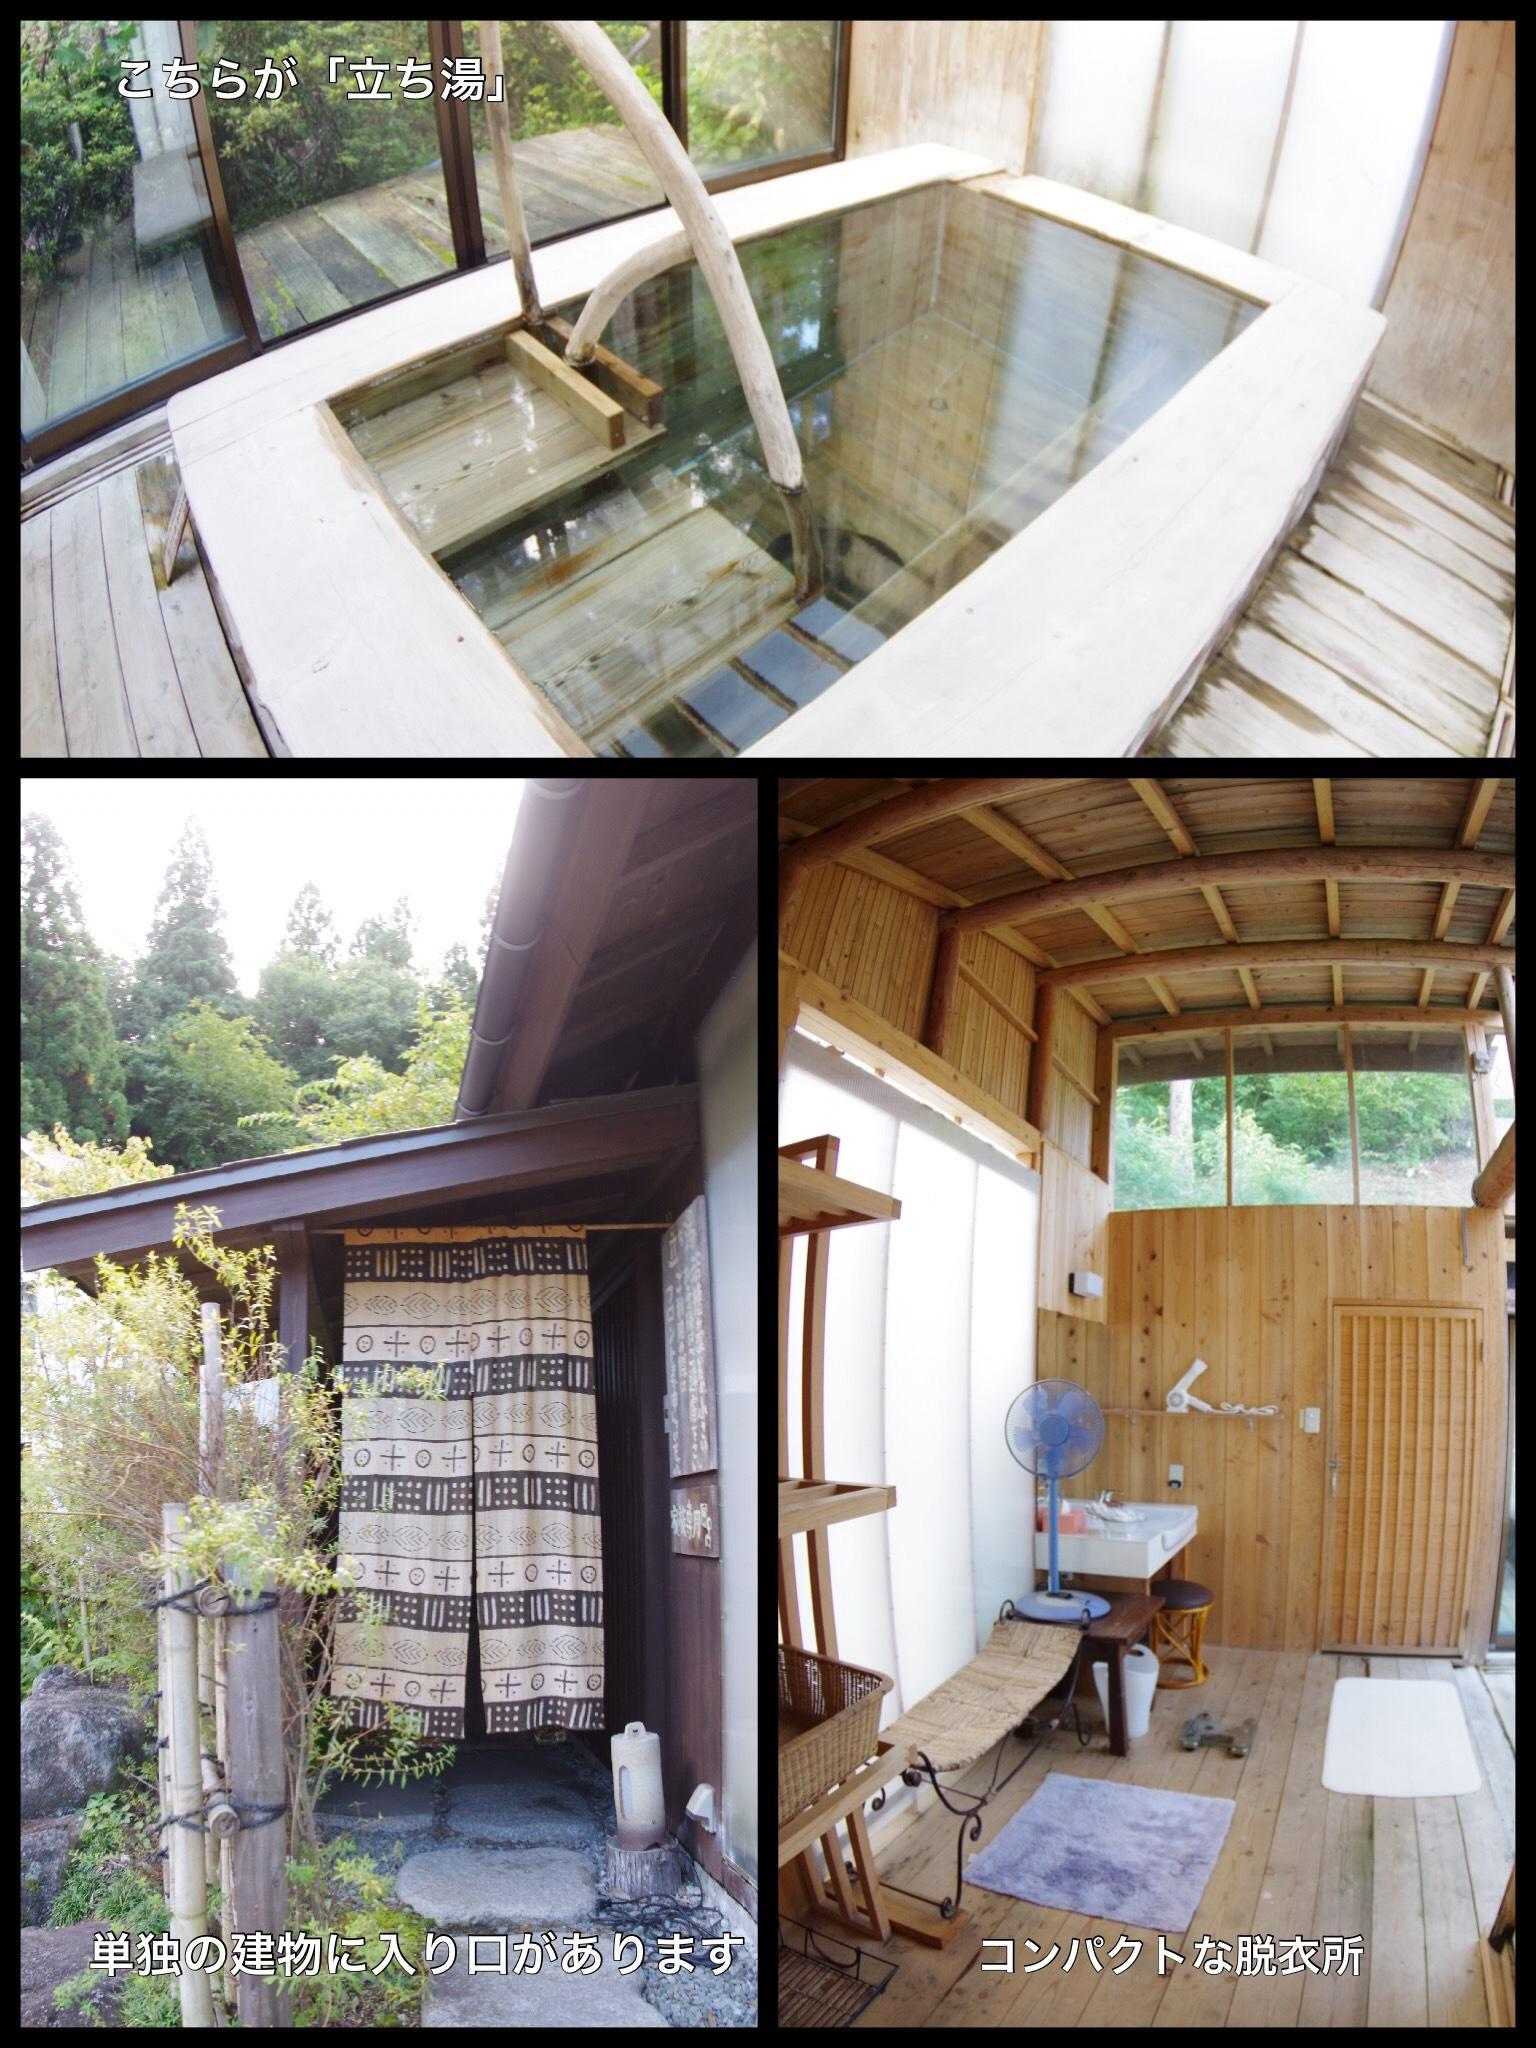 山形 上山温泉 名月荘 扇 宿泊記 貸切風呂 立ち湯